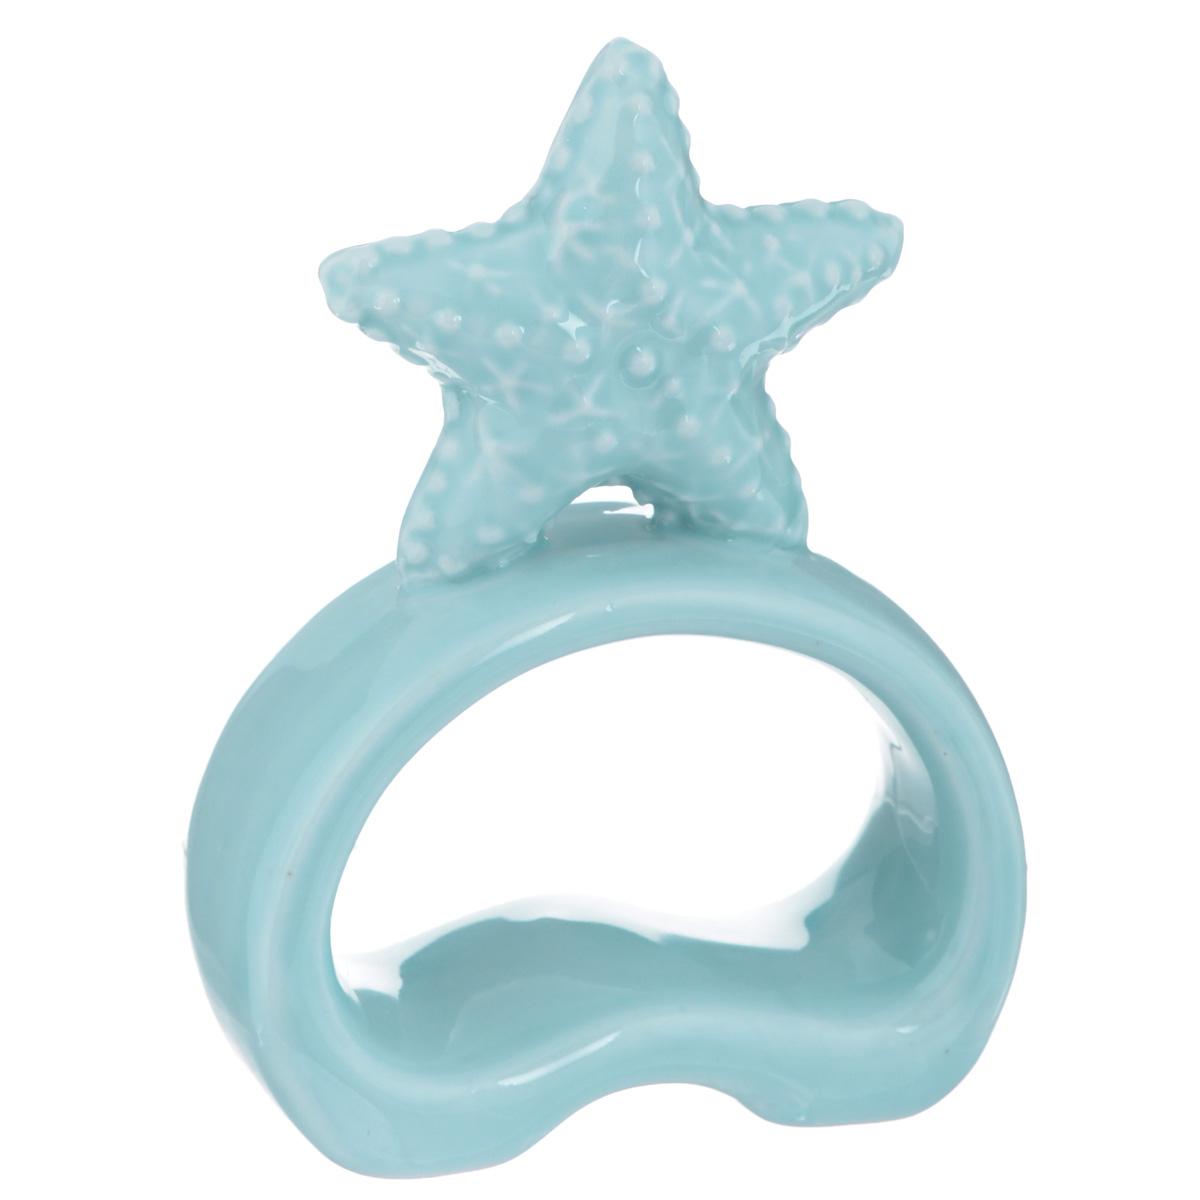 Фигурка декоративная Морская звезда, цвет: голубой, высота 10 см. 36768FS-80299Декоративная фигурка Морская звезда изготовлена из высококачественного фаянса. Такая фигурка подойдет для декора интерьера дома или офиса.Вы можете поставить фигурку в любом месте, где она будет удачно смотреться и радовать глаз. Декоративная фигурка Морская звезда - это отличный вариант подарка для ваших близких и друзей. Размер фигурки: 7 см х 3 см х 10 см.